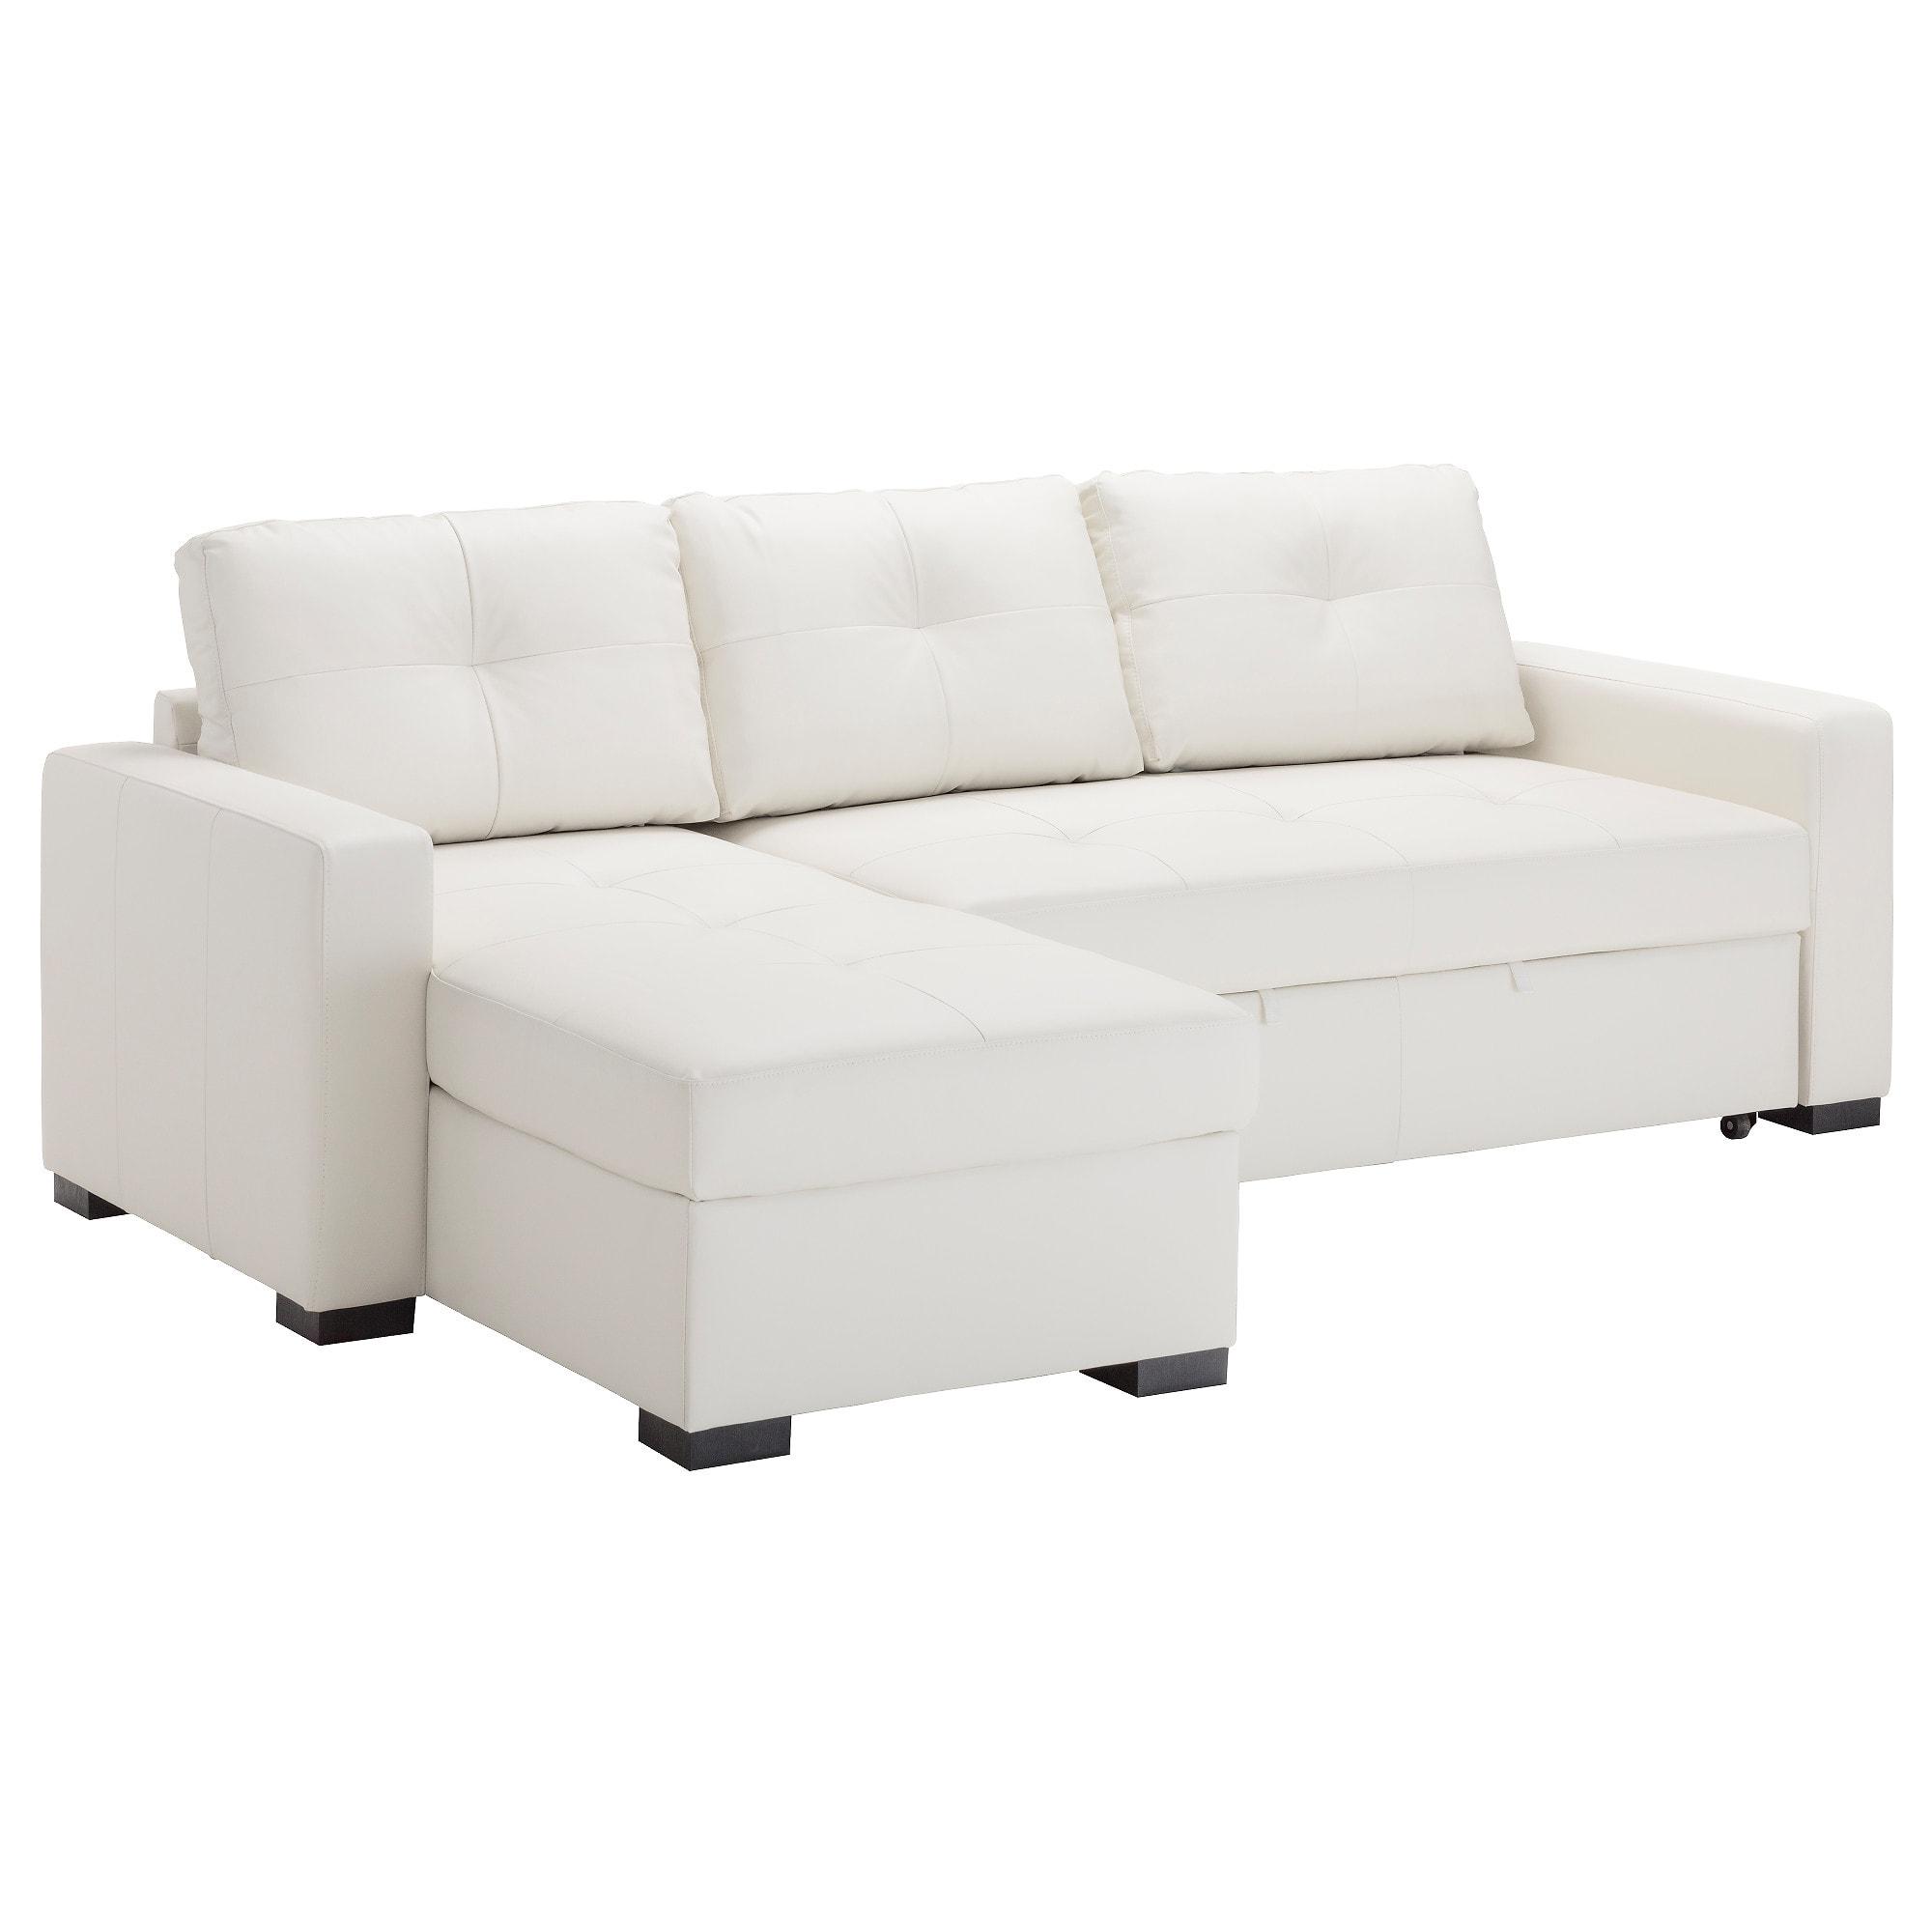 Sofa Cama De Ikea Q0d4 sofà S Cama De Calidad Pra Online Ikea